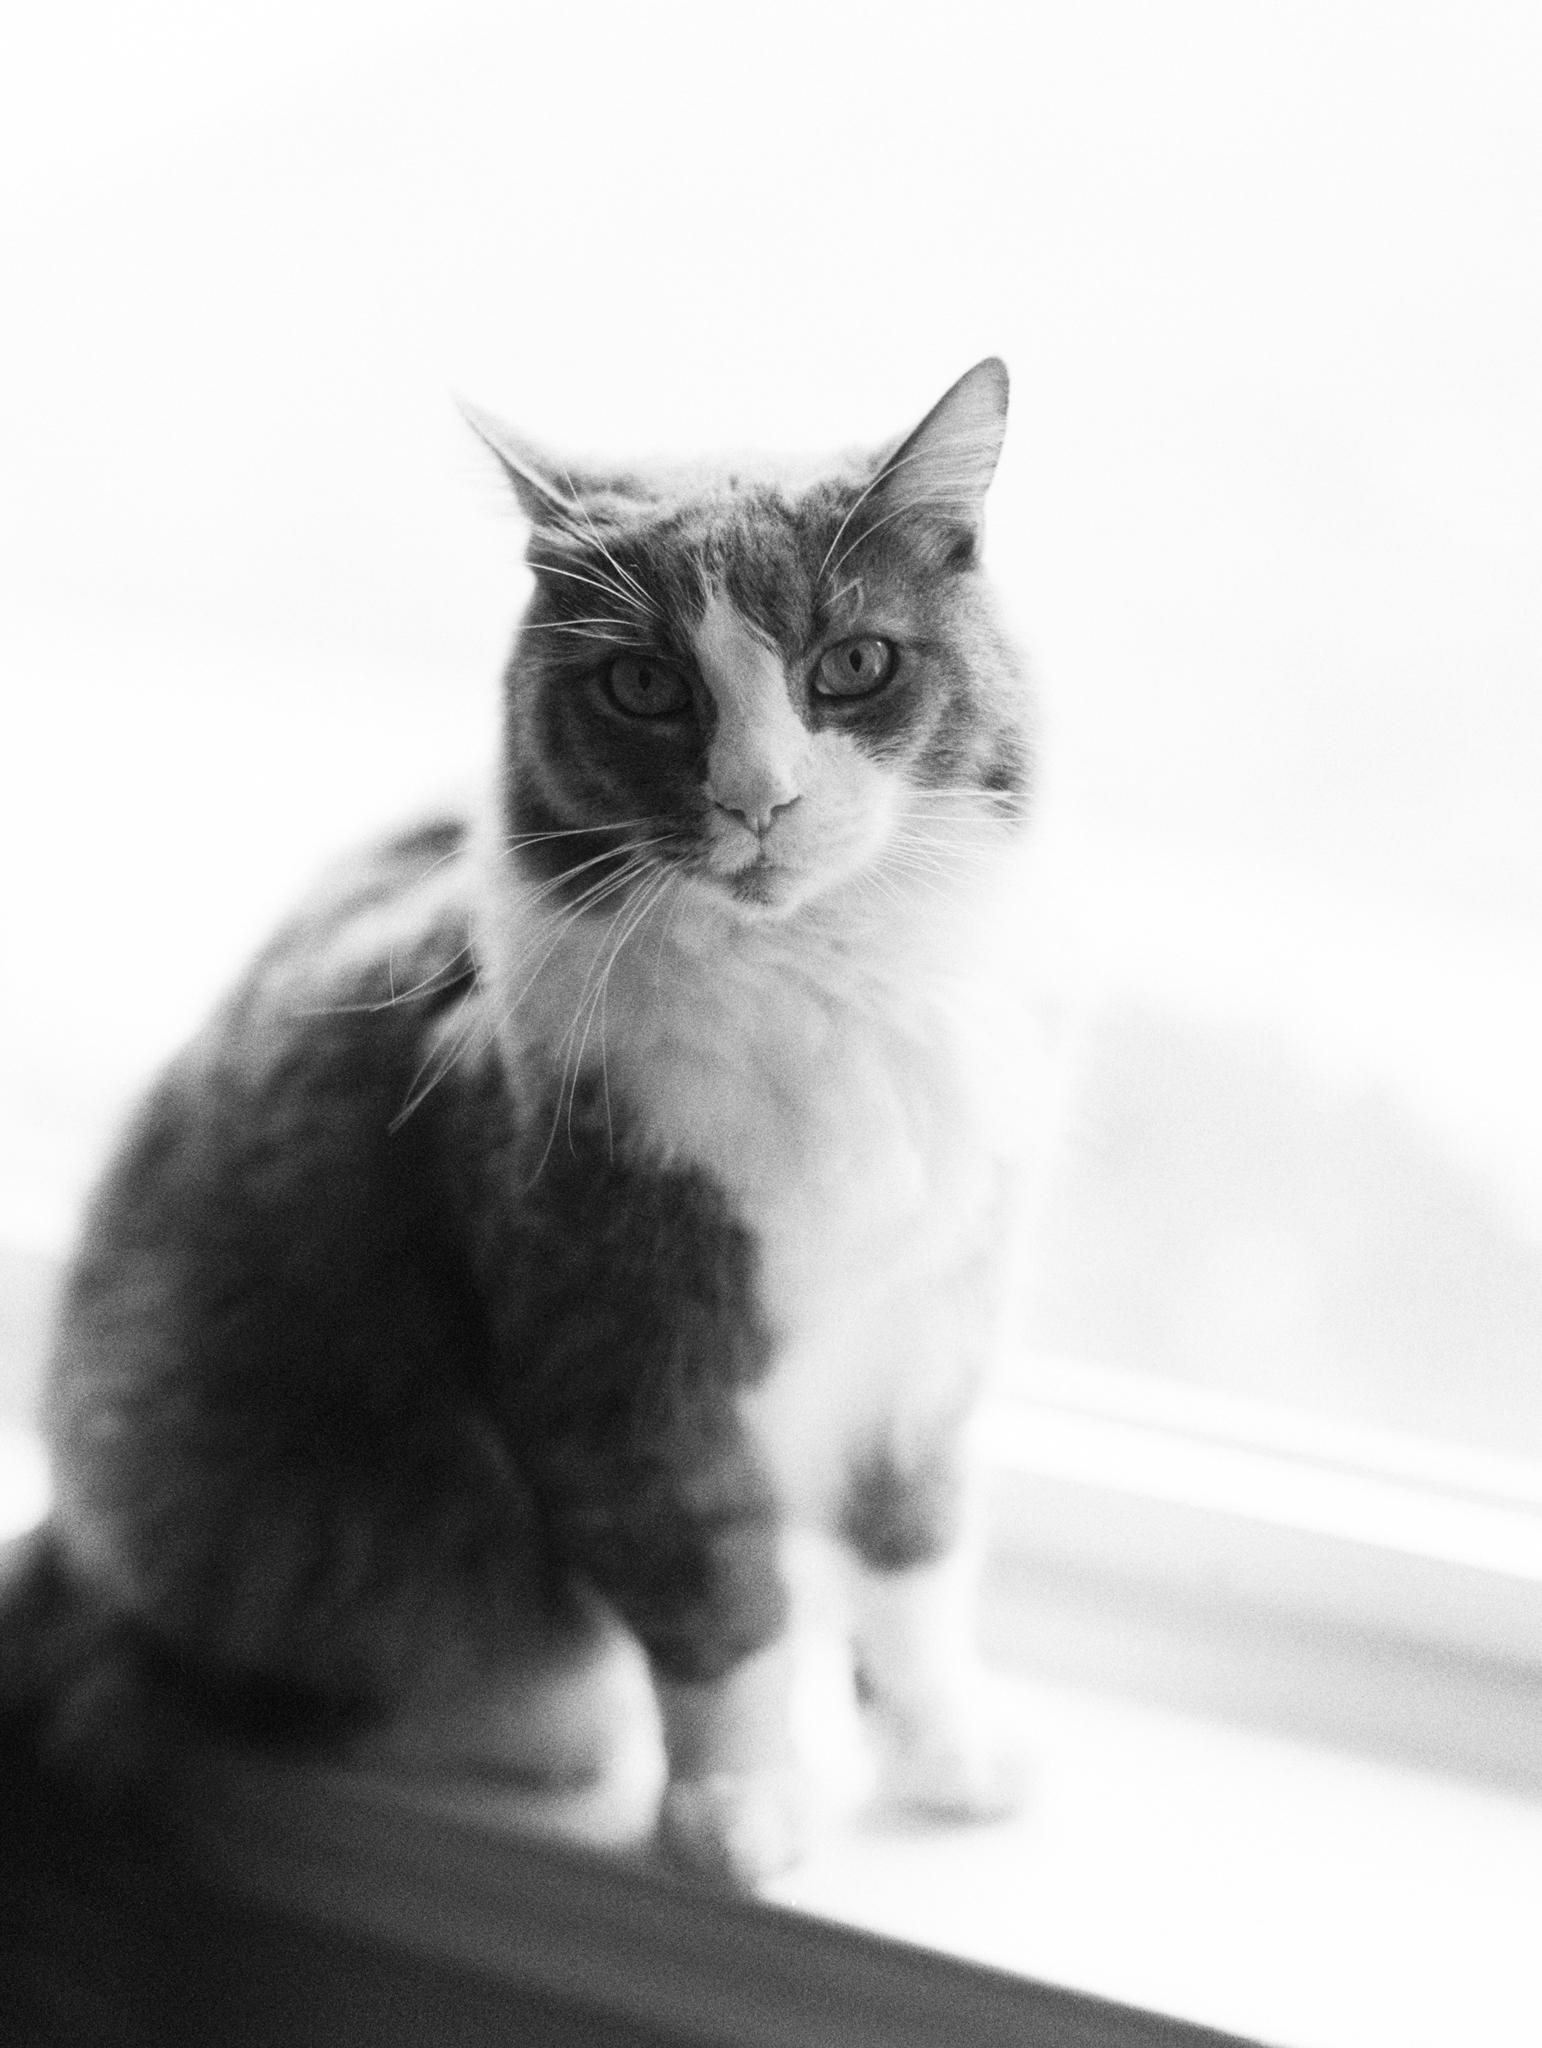 My sweet little fur boyfriend | Shot on Ilford B+W film